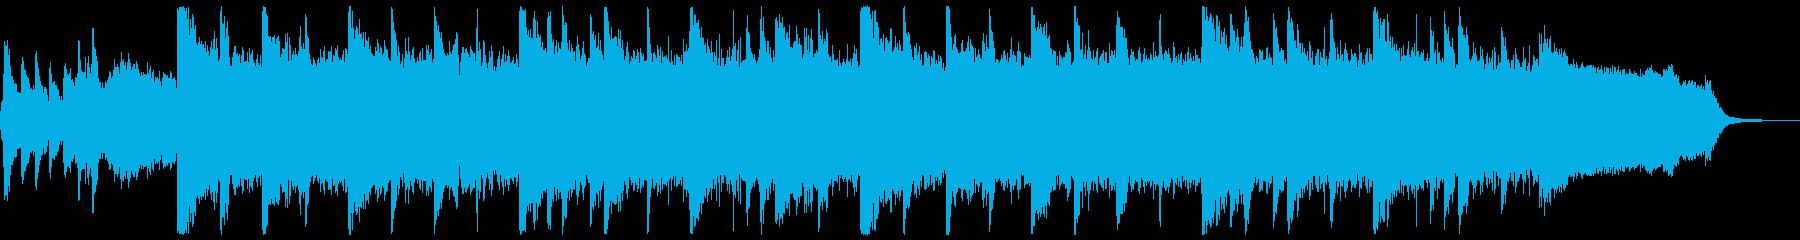 幻想的&感動的な壮大ハイブリッドBGMの再生済みの波形